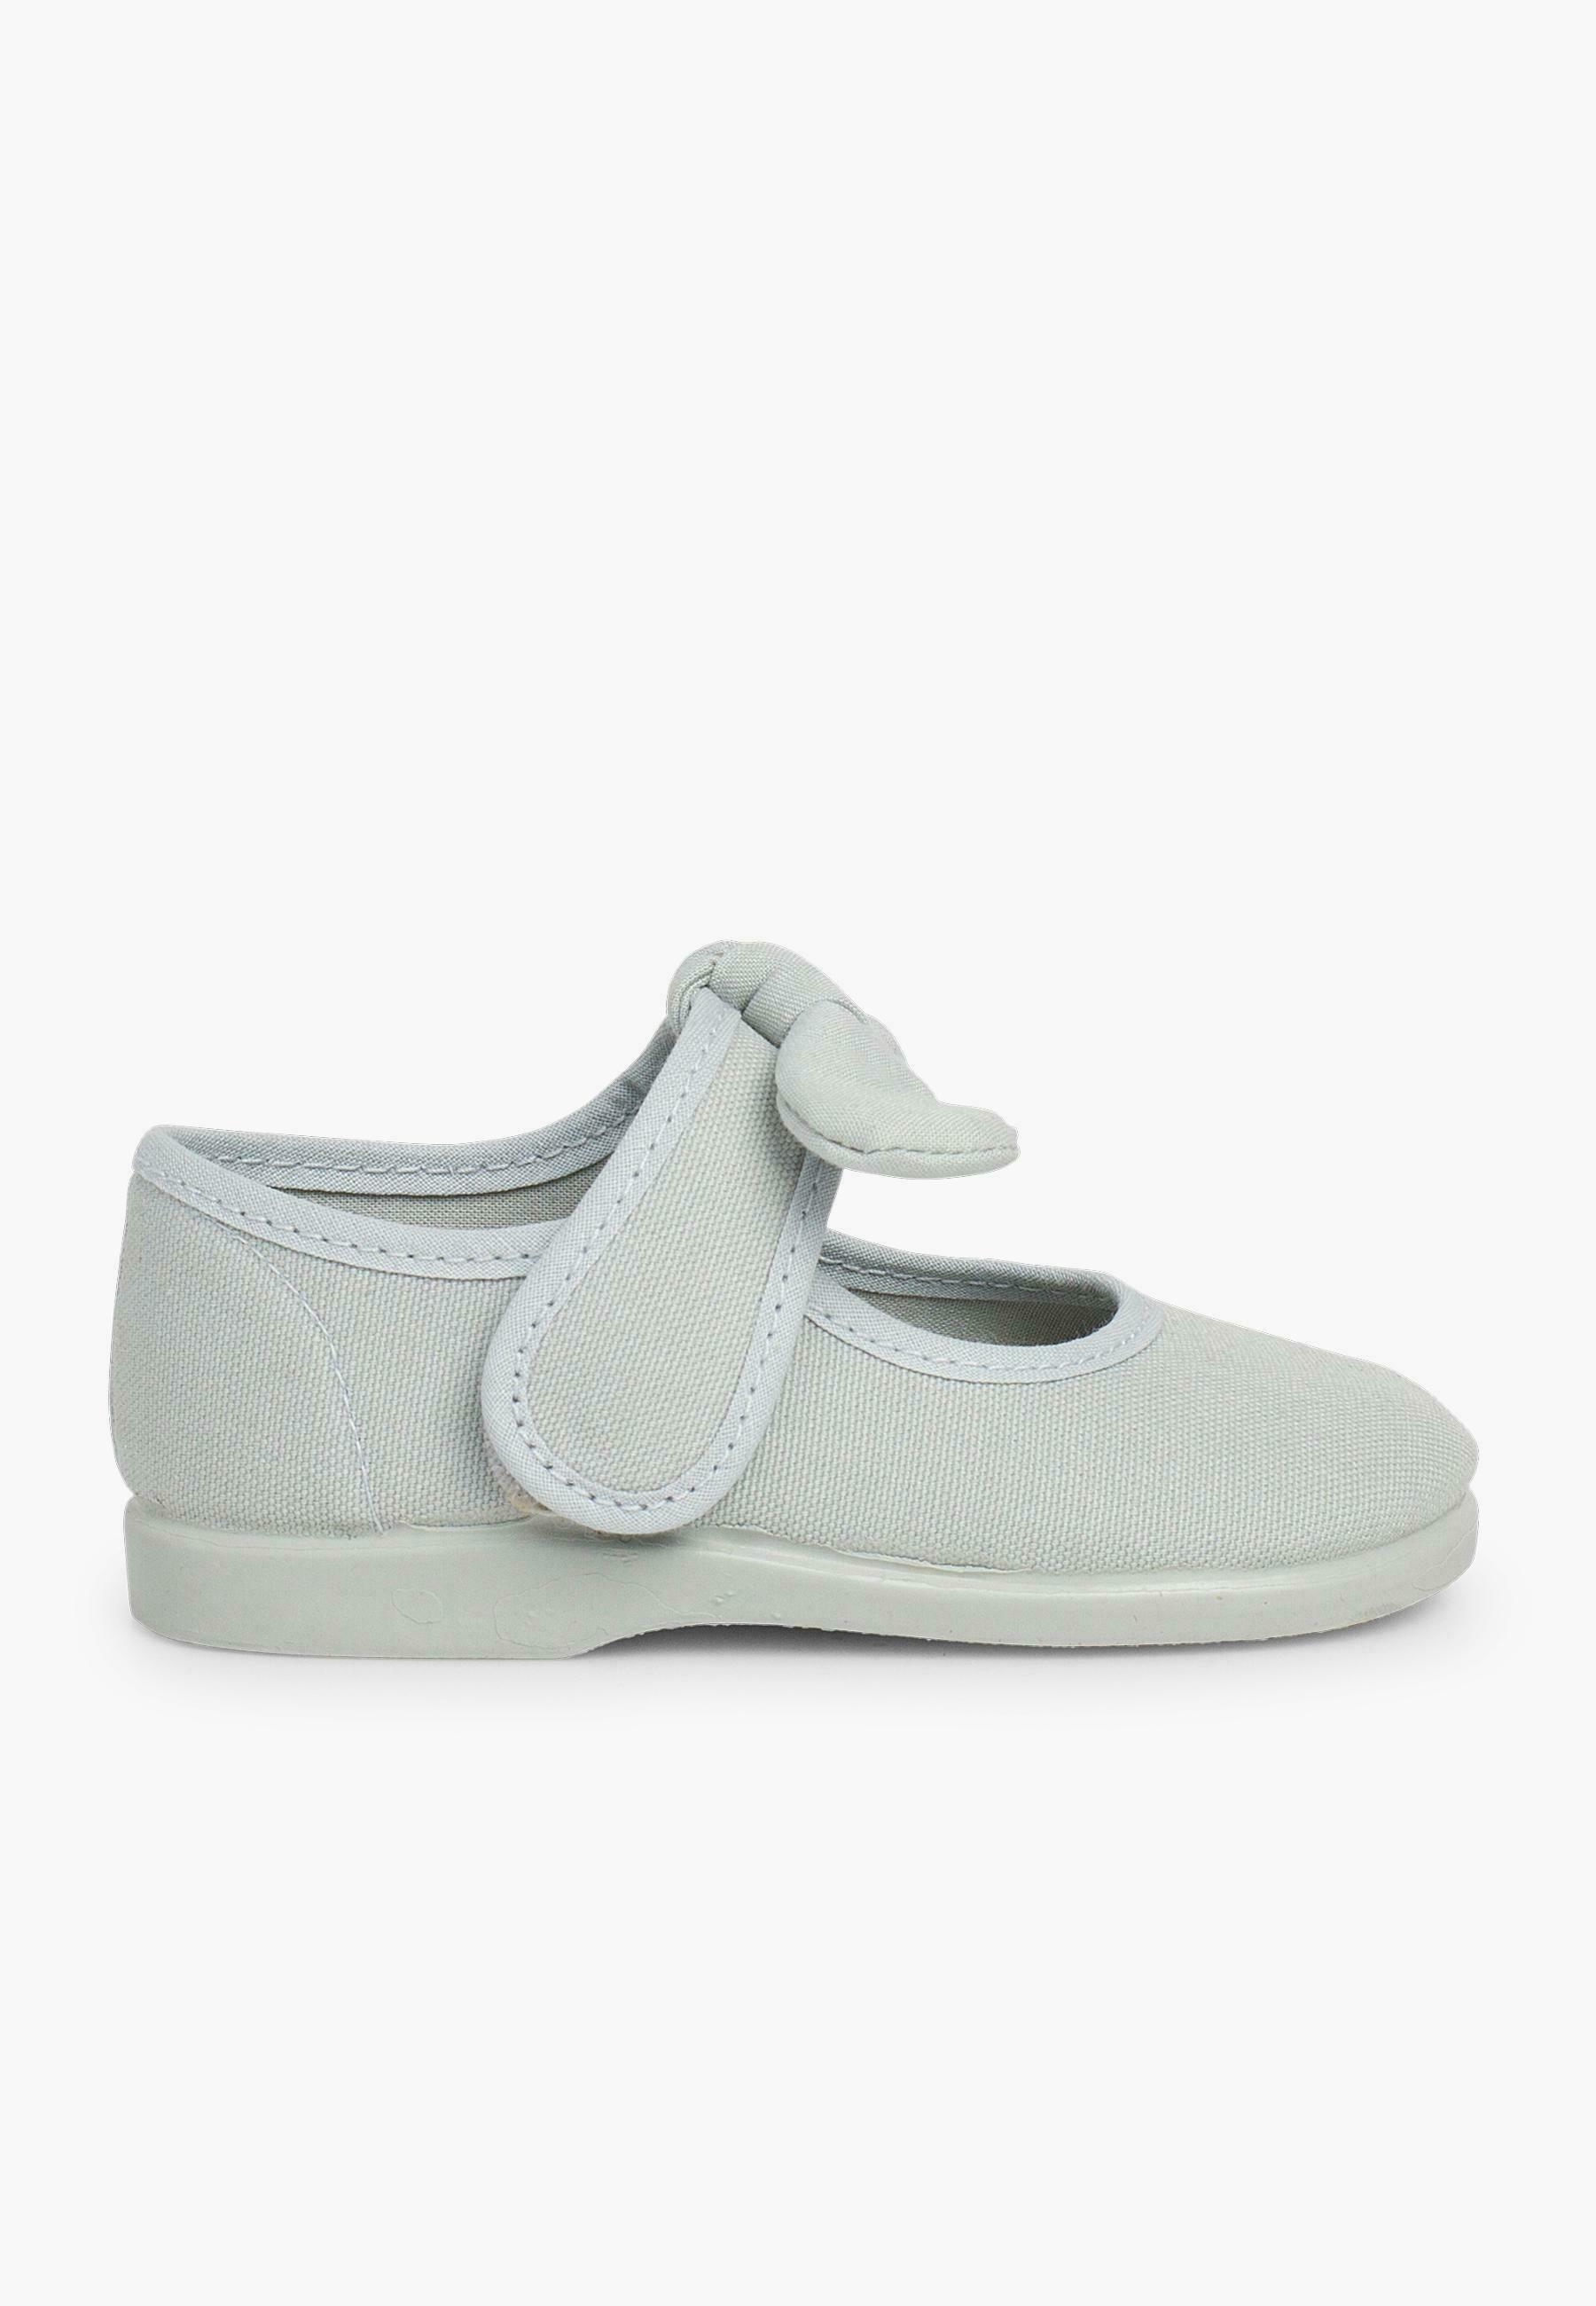 Enfant CON TIRA ADHERENTE - Chaussures premiers pas